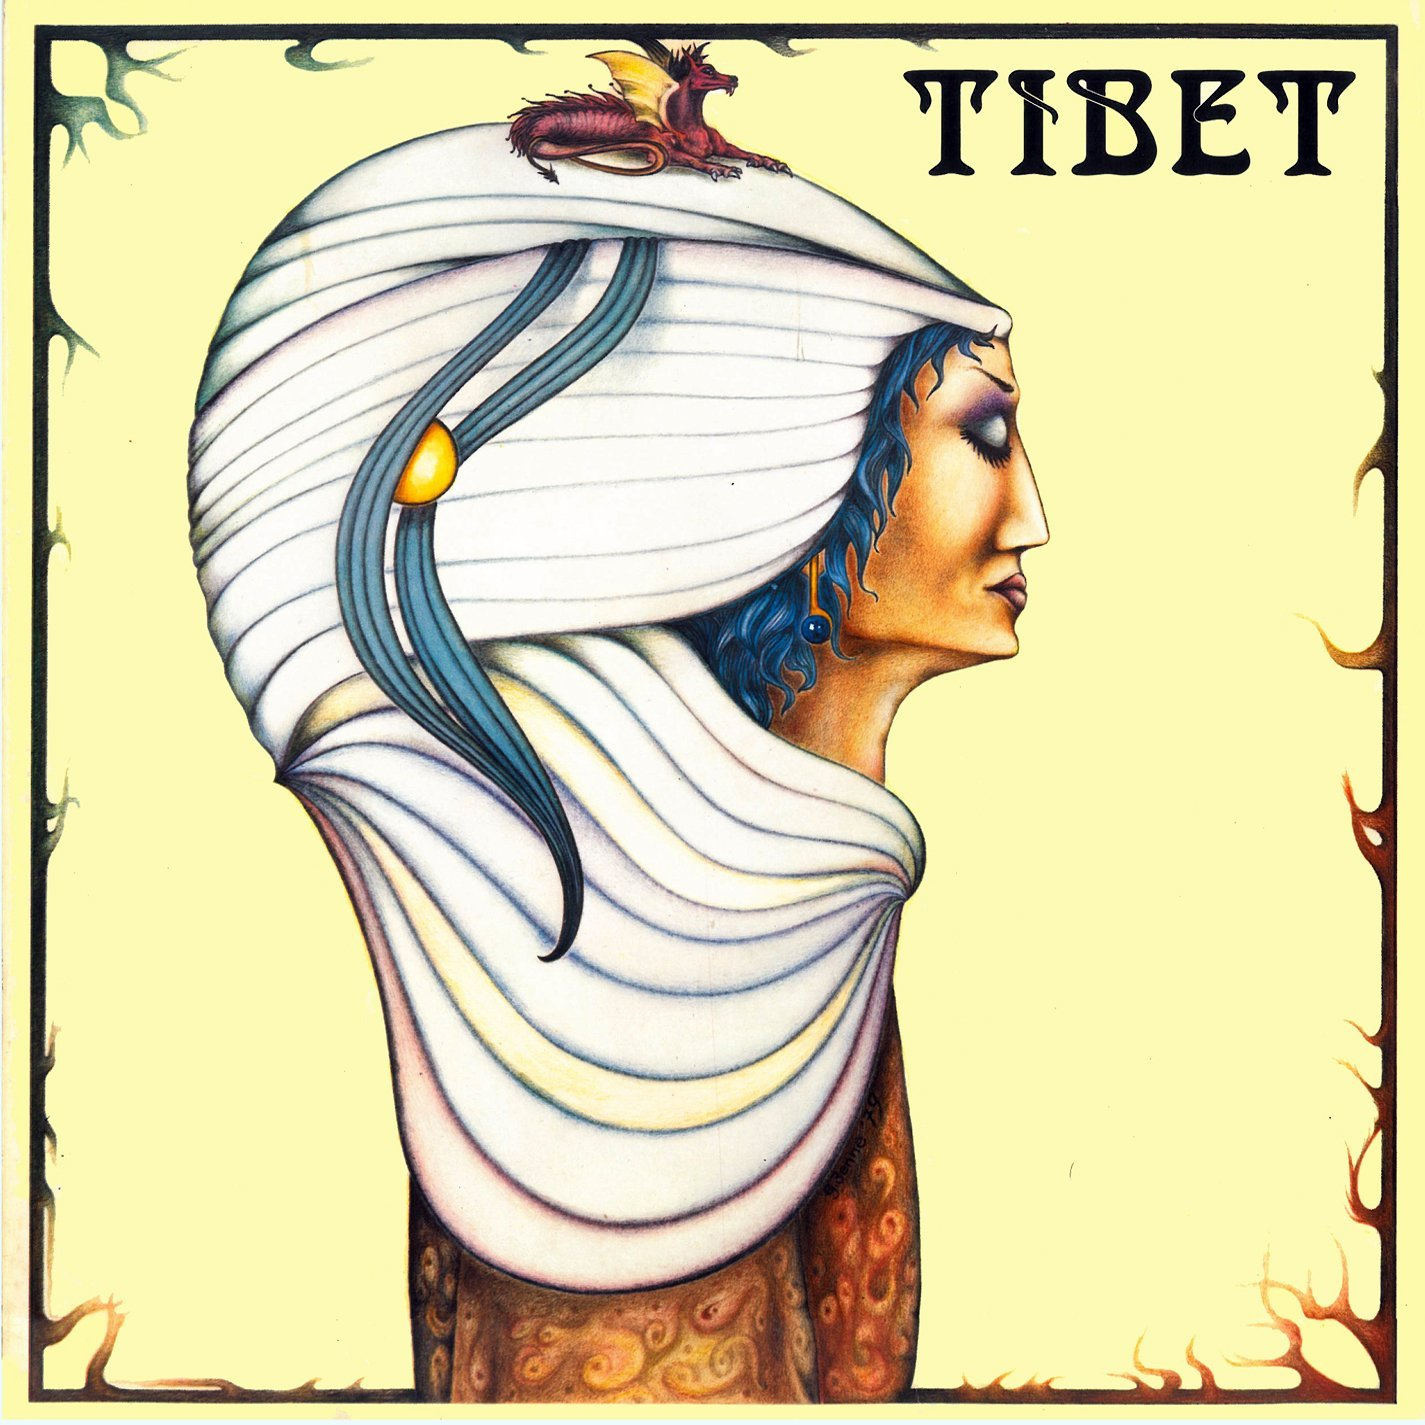 TIBET - Tibet